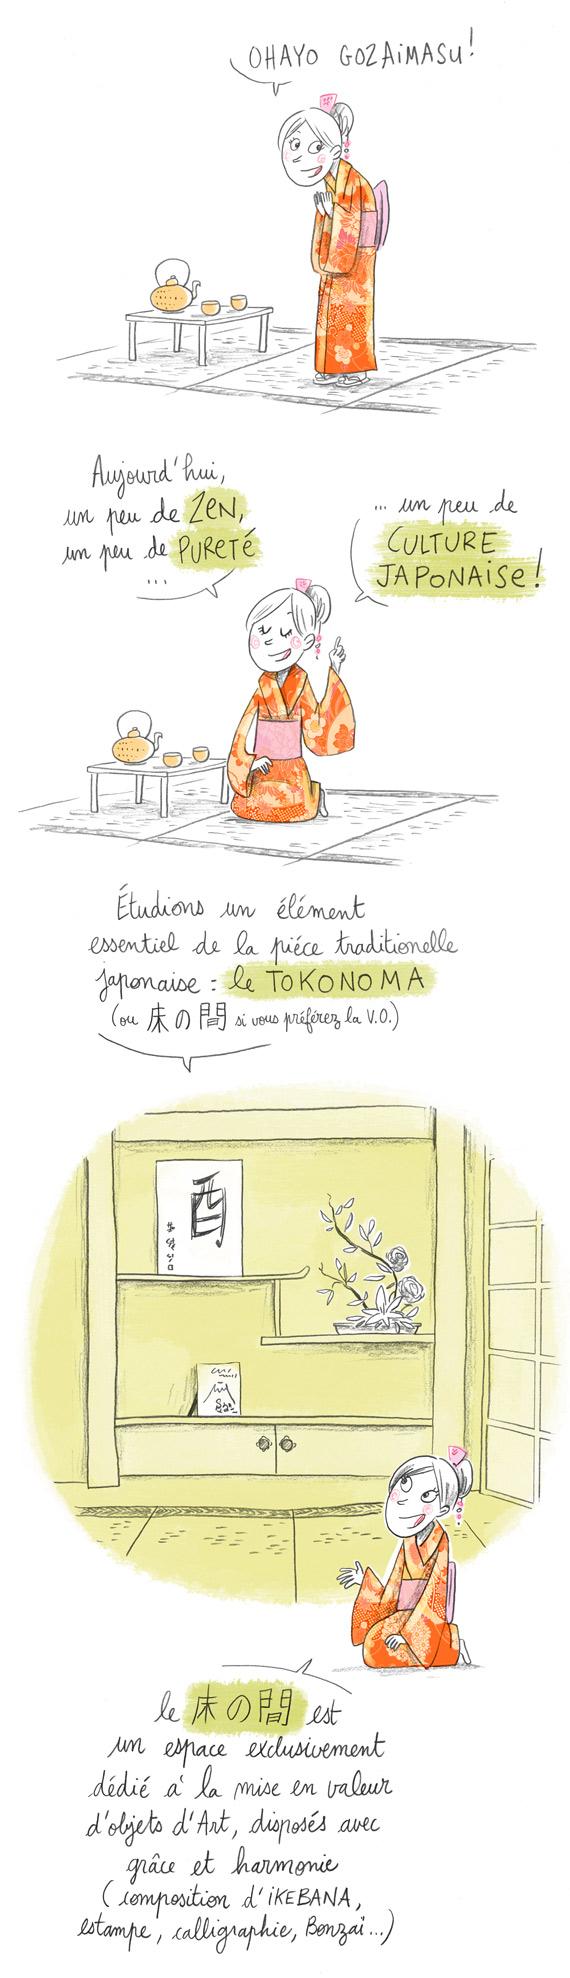 Ohayo gozaimasu ! Aujourd'hui, un peu de zen, un peu de pureté, un peu de culture japonaise ! Étudions un élément essentiel de la pièce traditionnelle japonaise : le Tokonoma. Le Tokonoma est un espace exclusivement dédié à la mise en valeur d'objets d'art, disposés avec grâce et harmonie ( composition d'Ikebana, estampe, calligraphie, bonsai...)